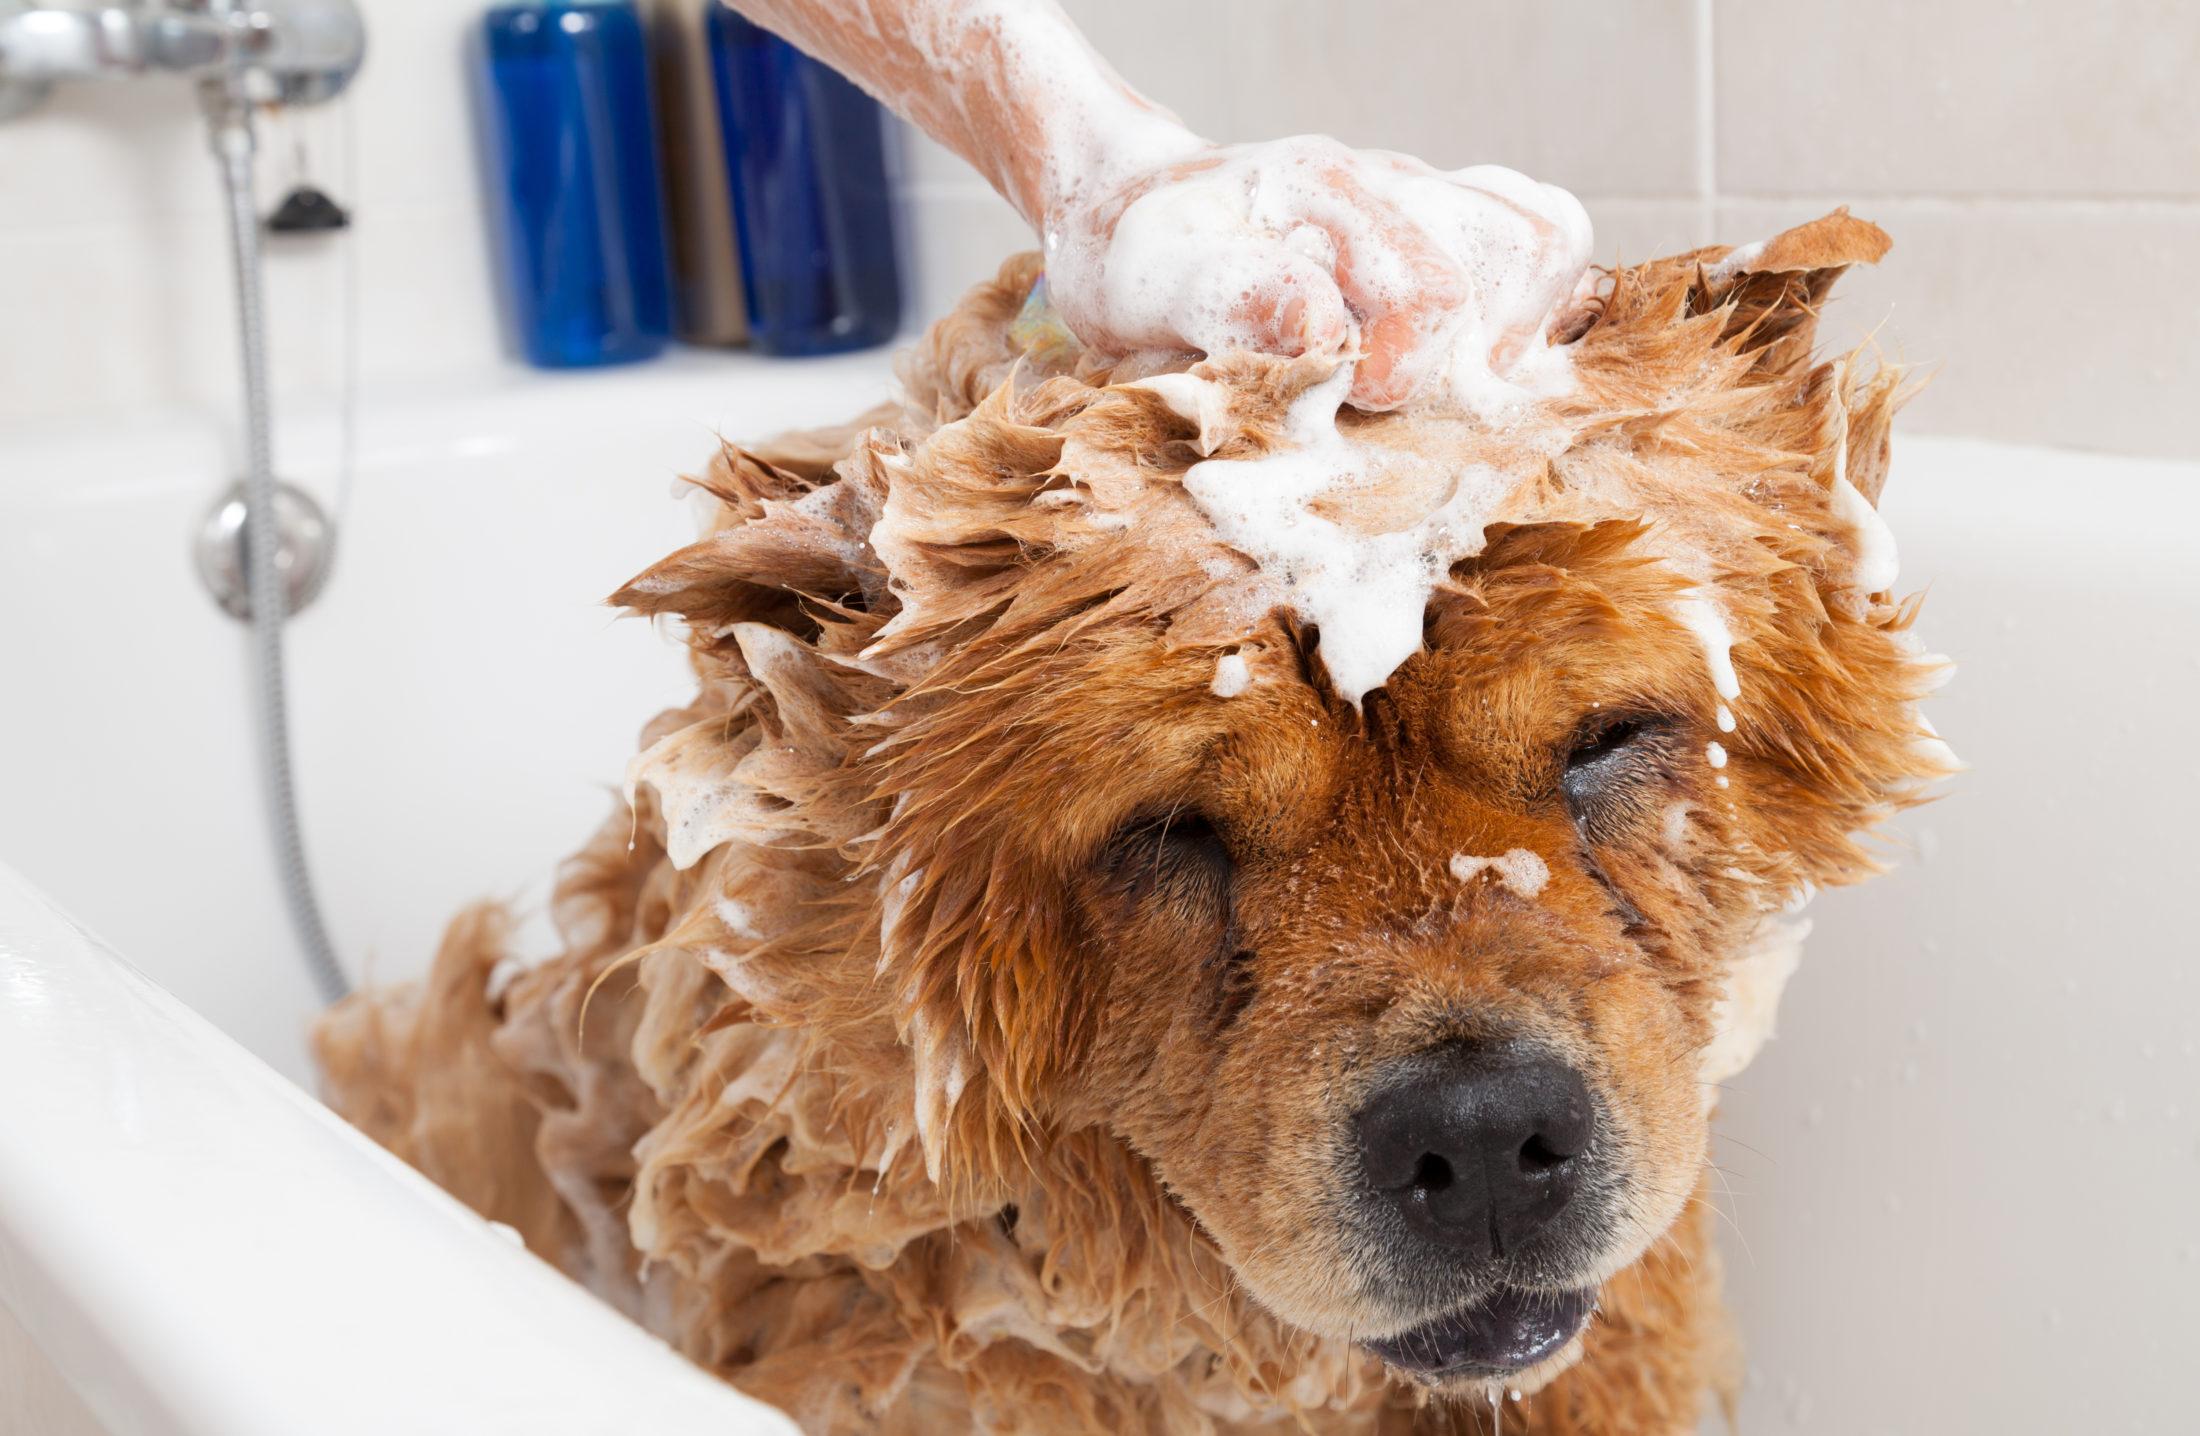 cuidados com animal de estimação: Chow tomando banho na banheira